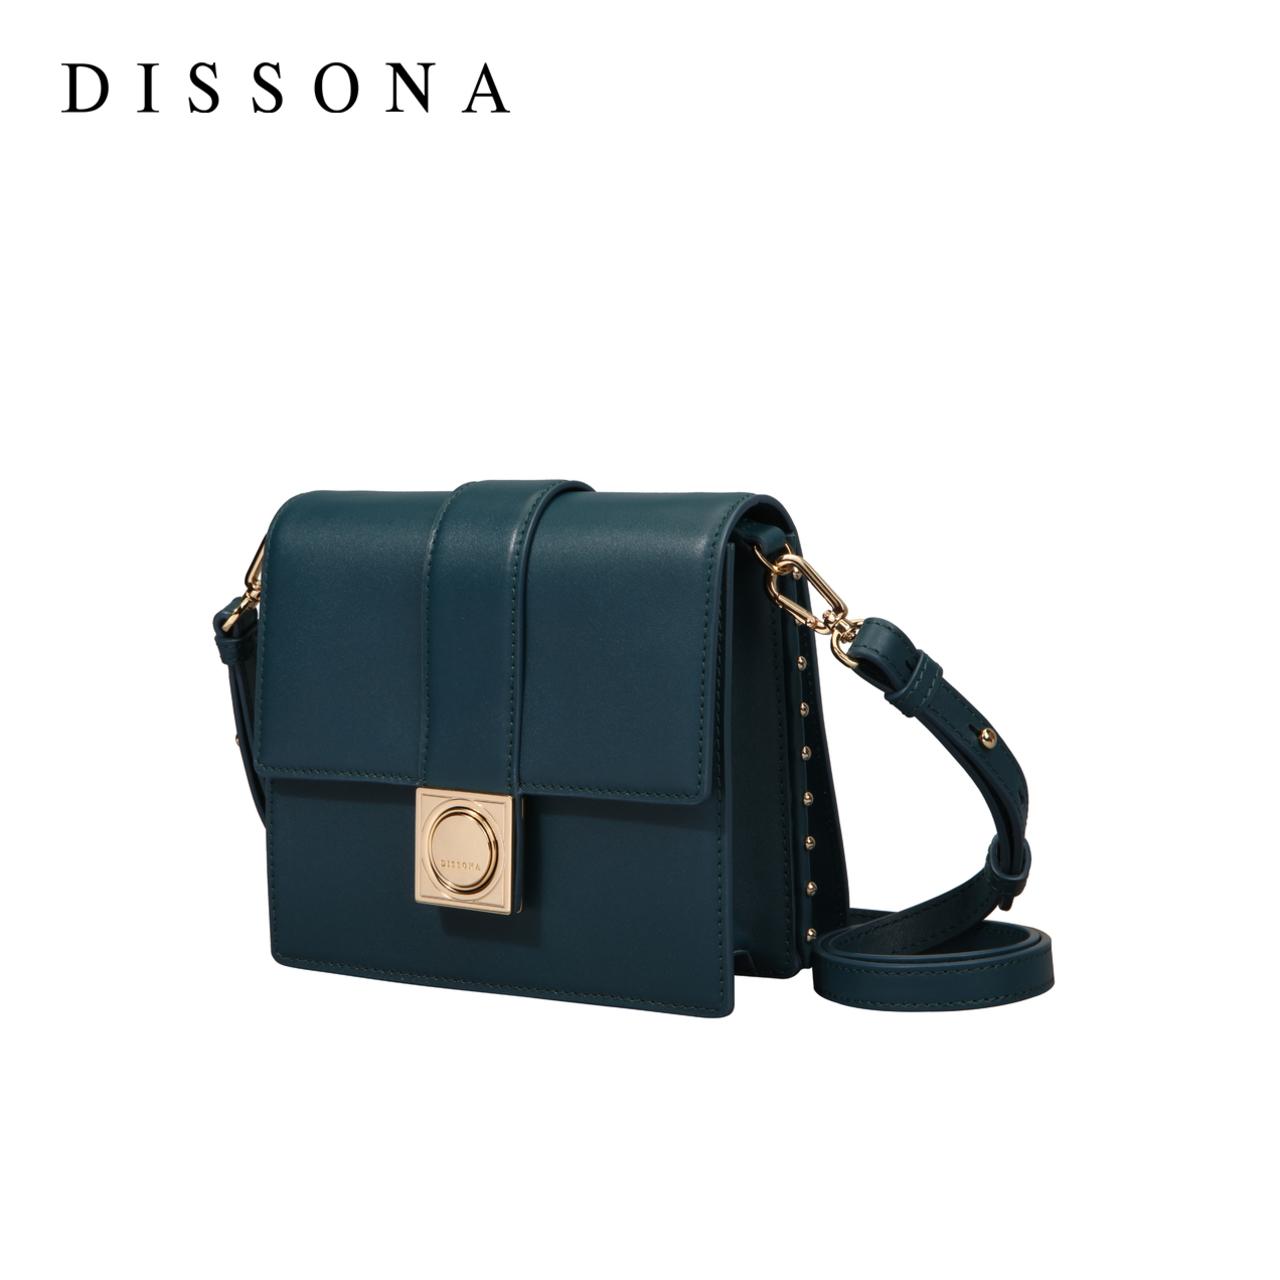 迪桑娜女包时尚小方包 简约真皮小包风琴包 590元